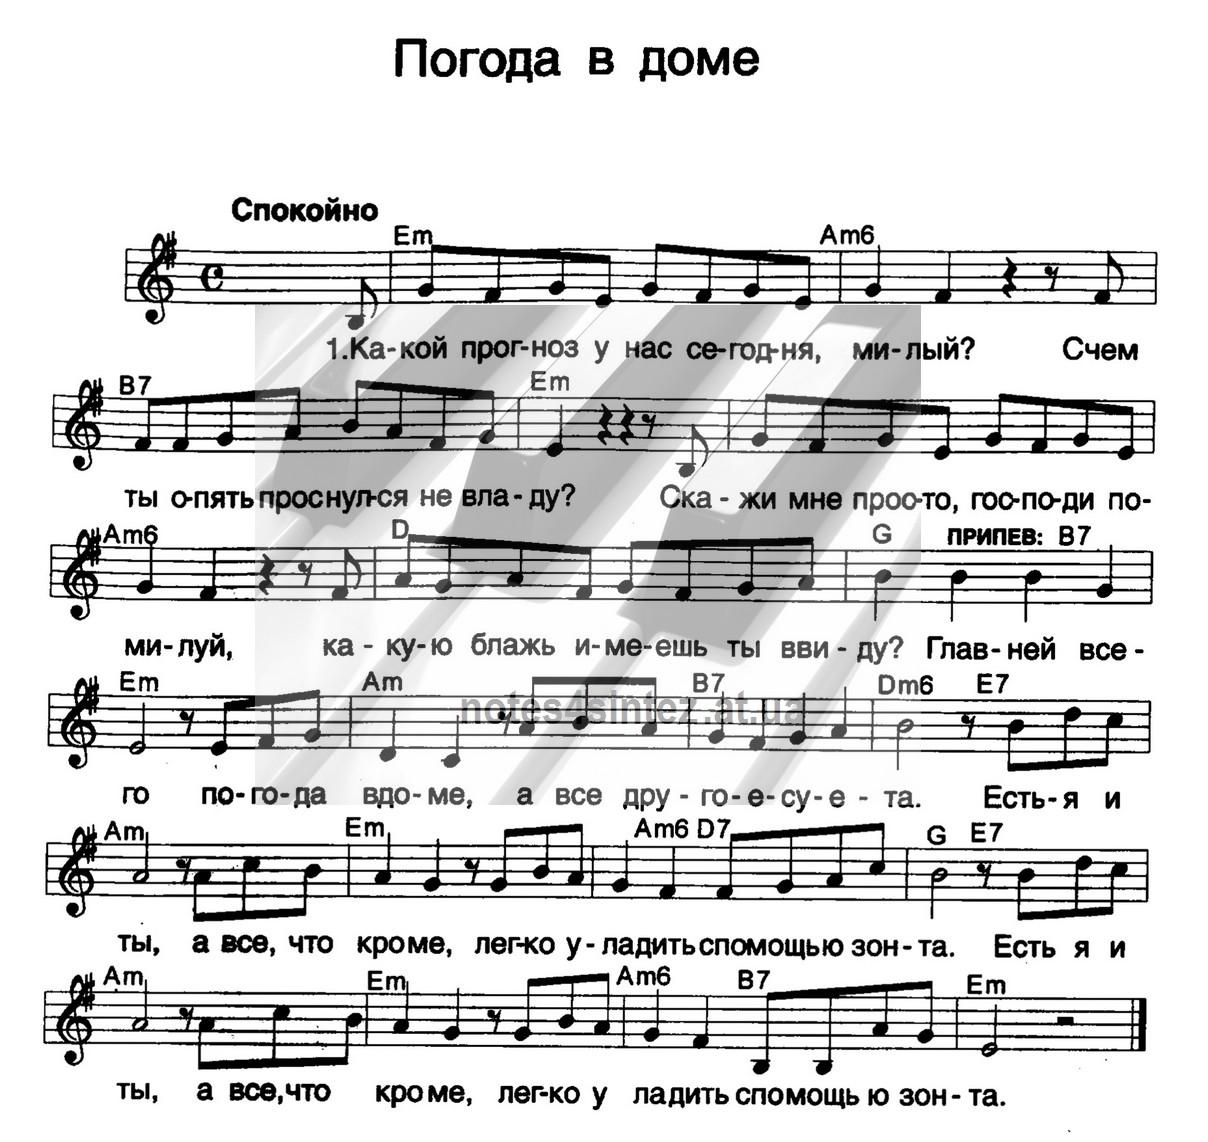 МИНУСОВКА ПЕСНИ ГЛАВНЕЙ ВСЕГО ПОГОДА В ДОМЕ СКАЧАТЬ БЕСПЛАТНО